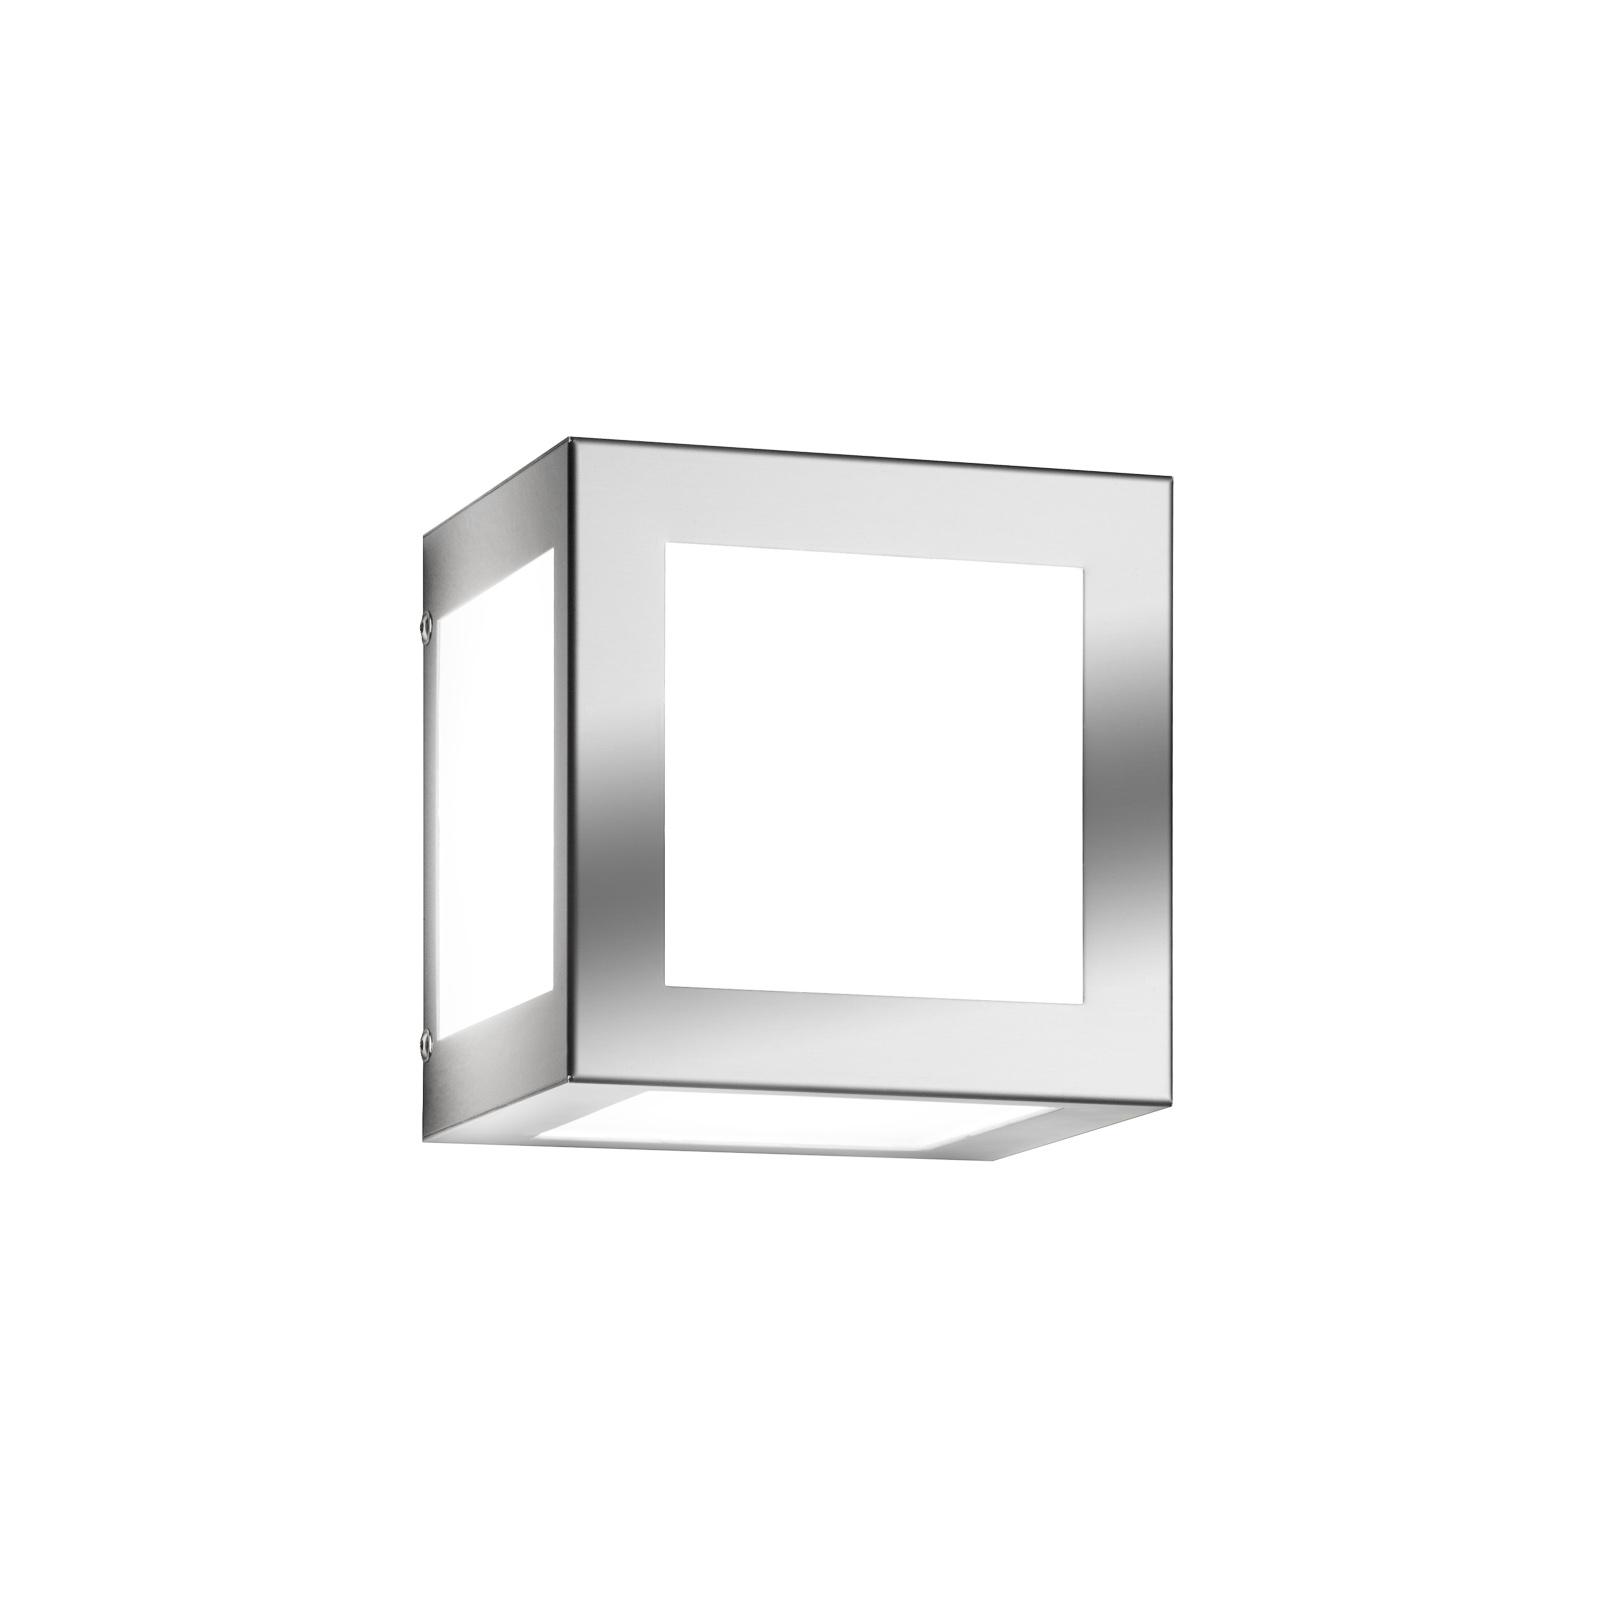 Cubo udendørs væglampe, mat rustfrit stål